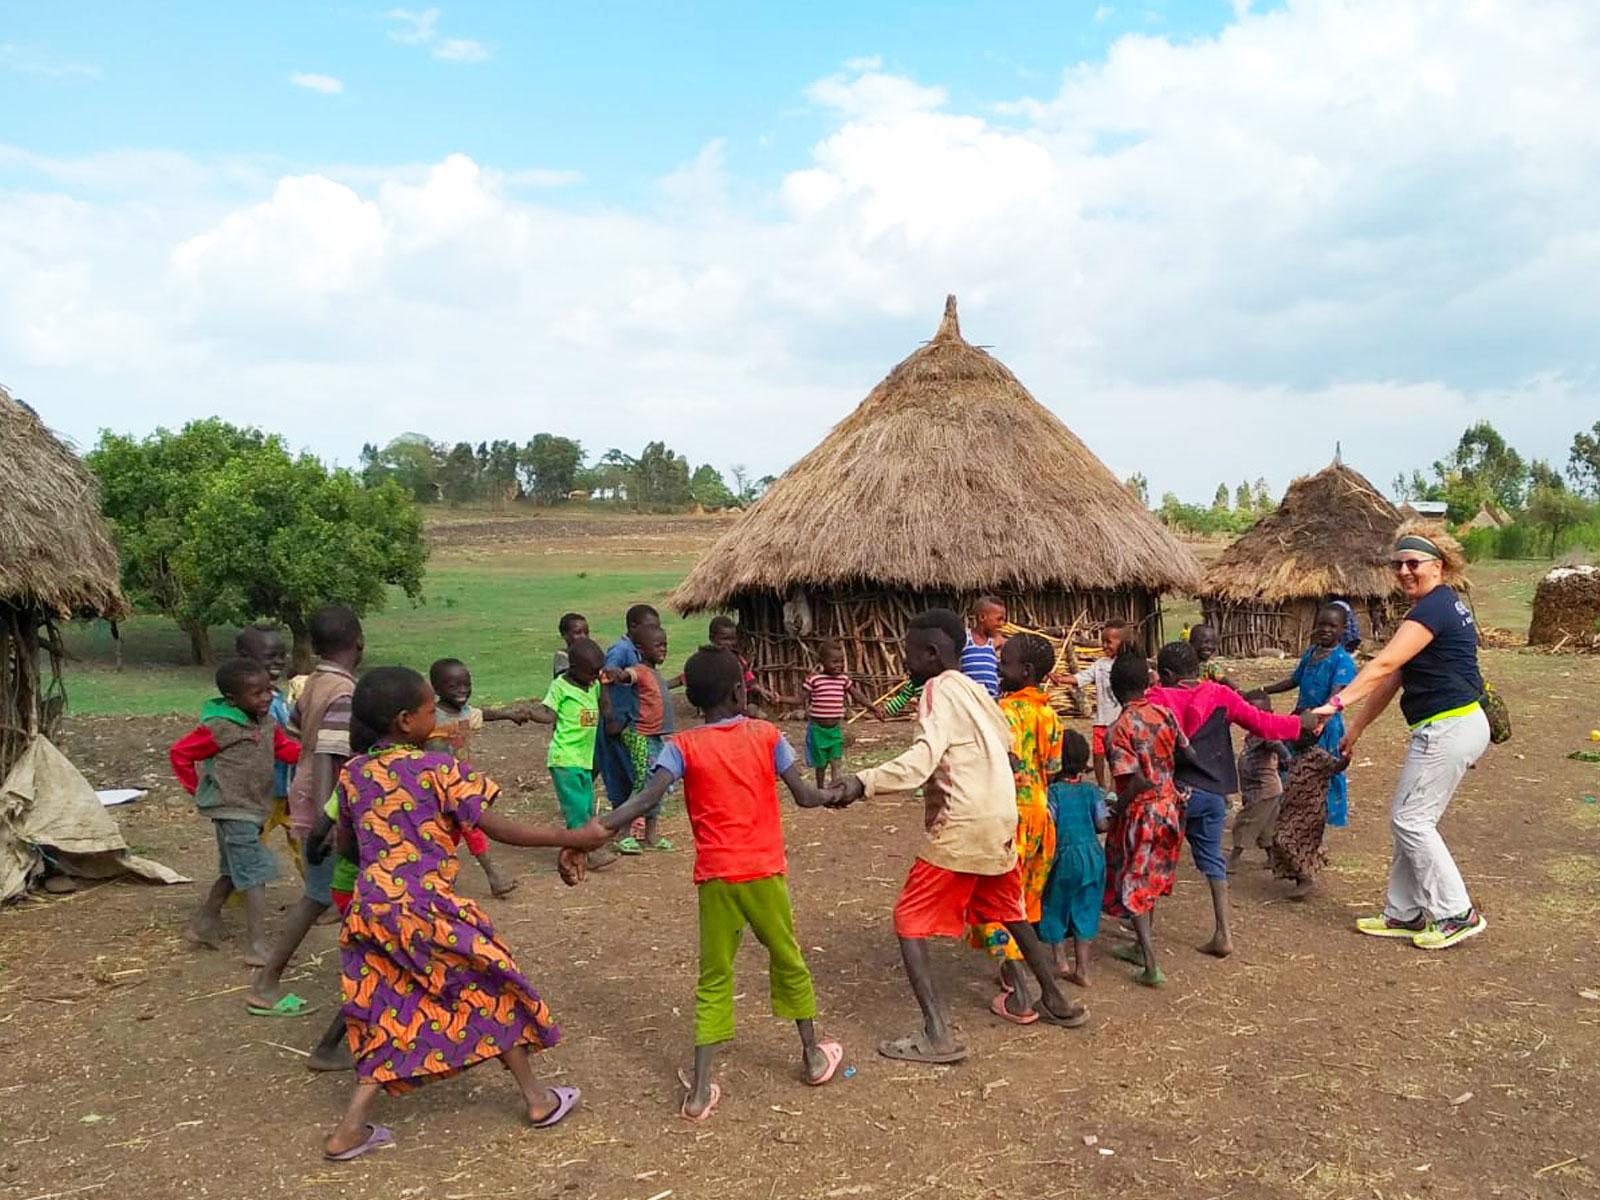 Diventare-volontario-onlus-aiuto-bambini-mam-beyond-borders